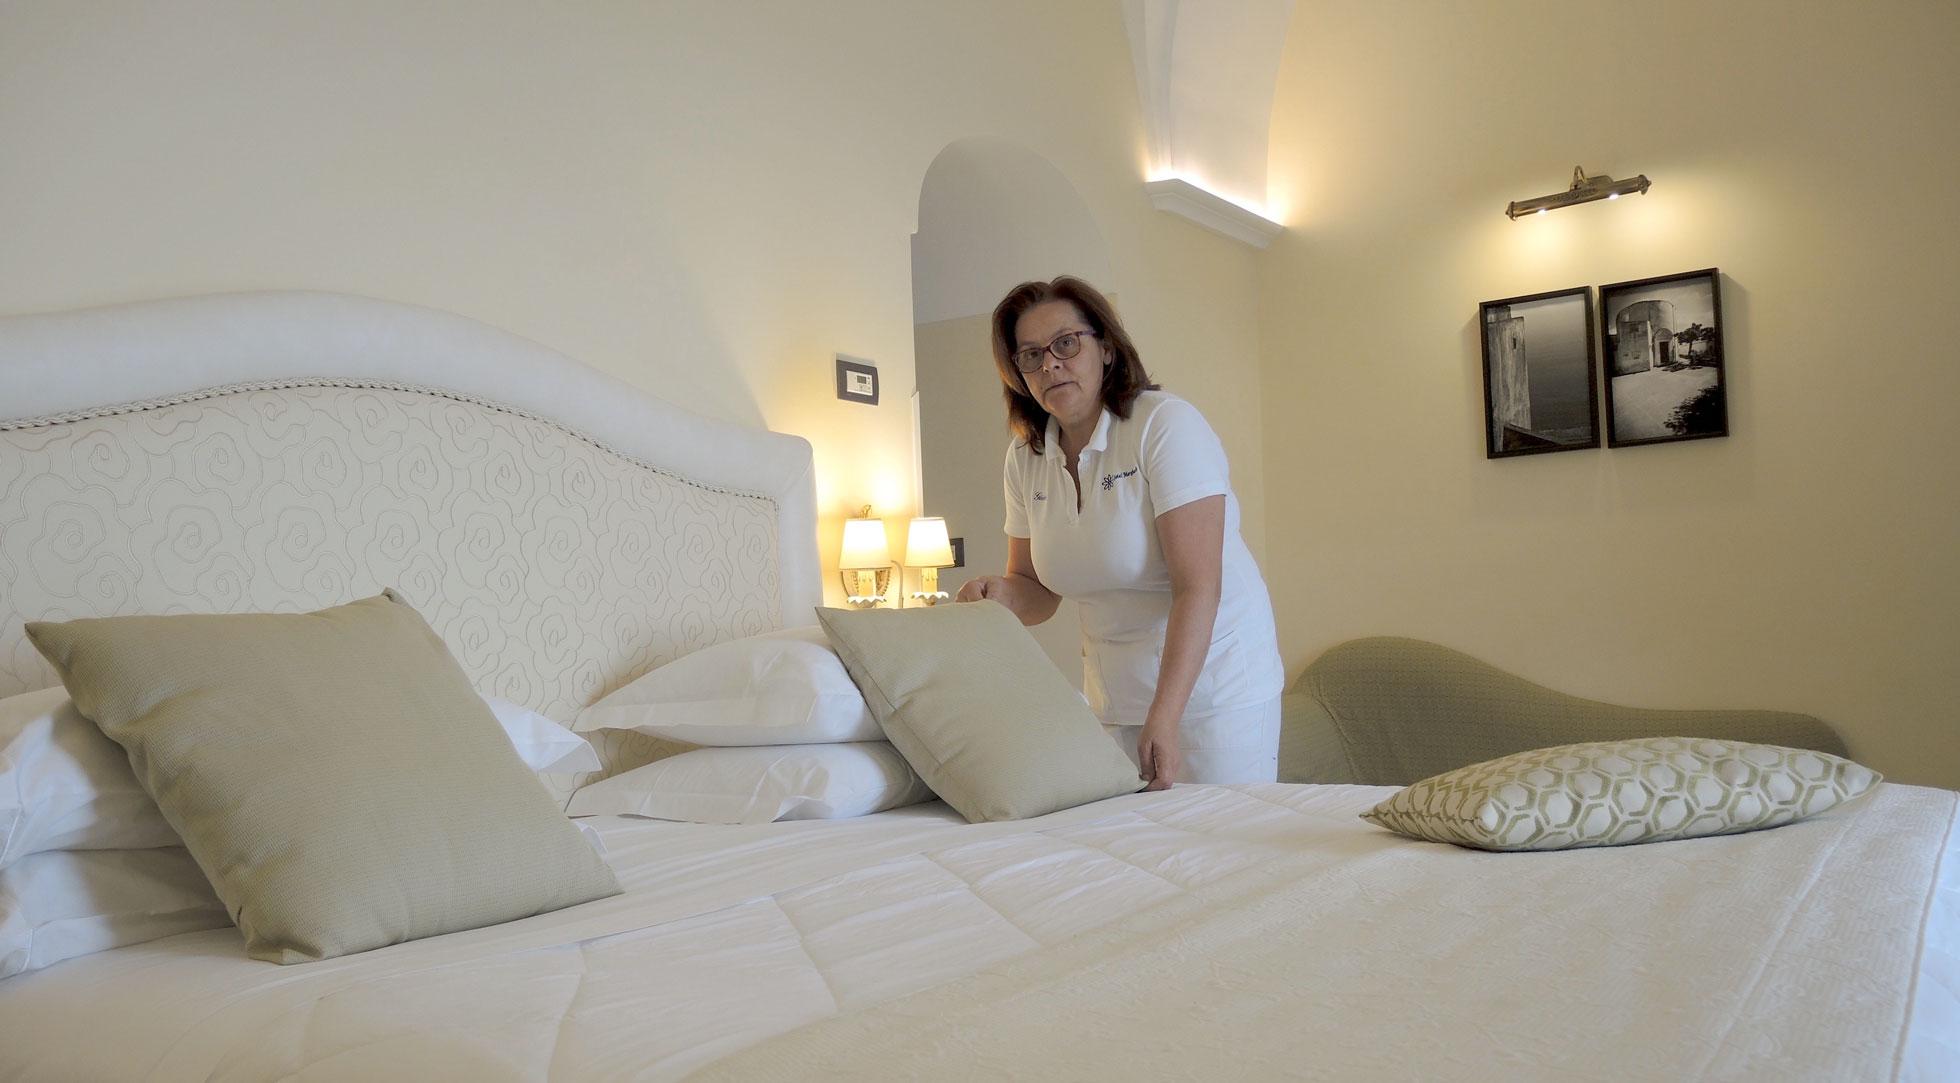 alberghi conduzione familiare costiera amalfitana